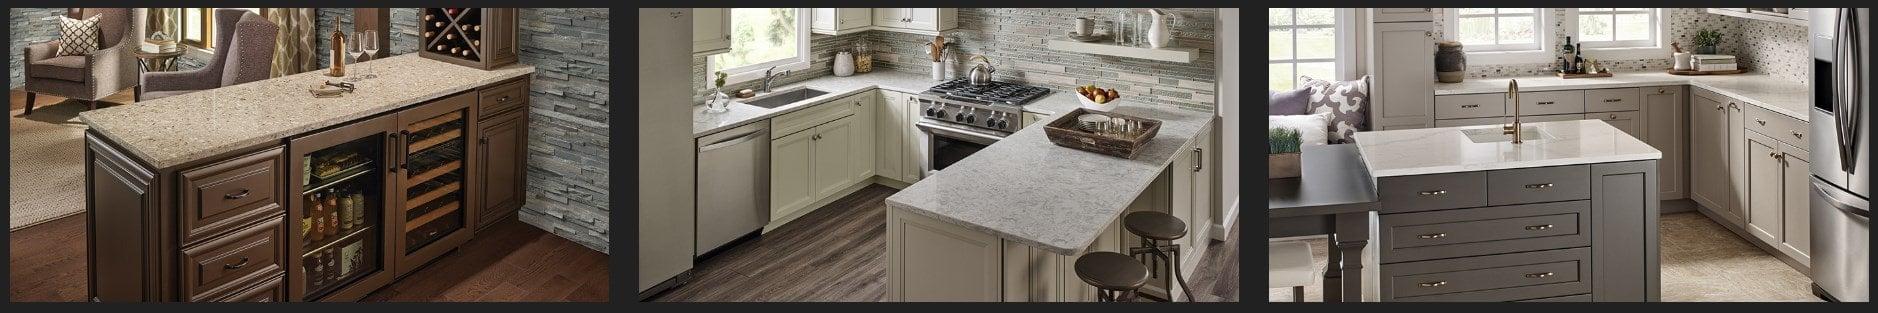 Sample of MSI Q Quartz countertops for the kitchen.